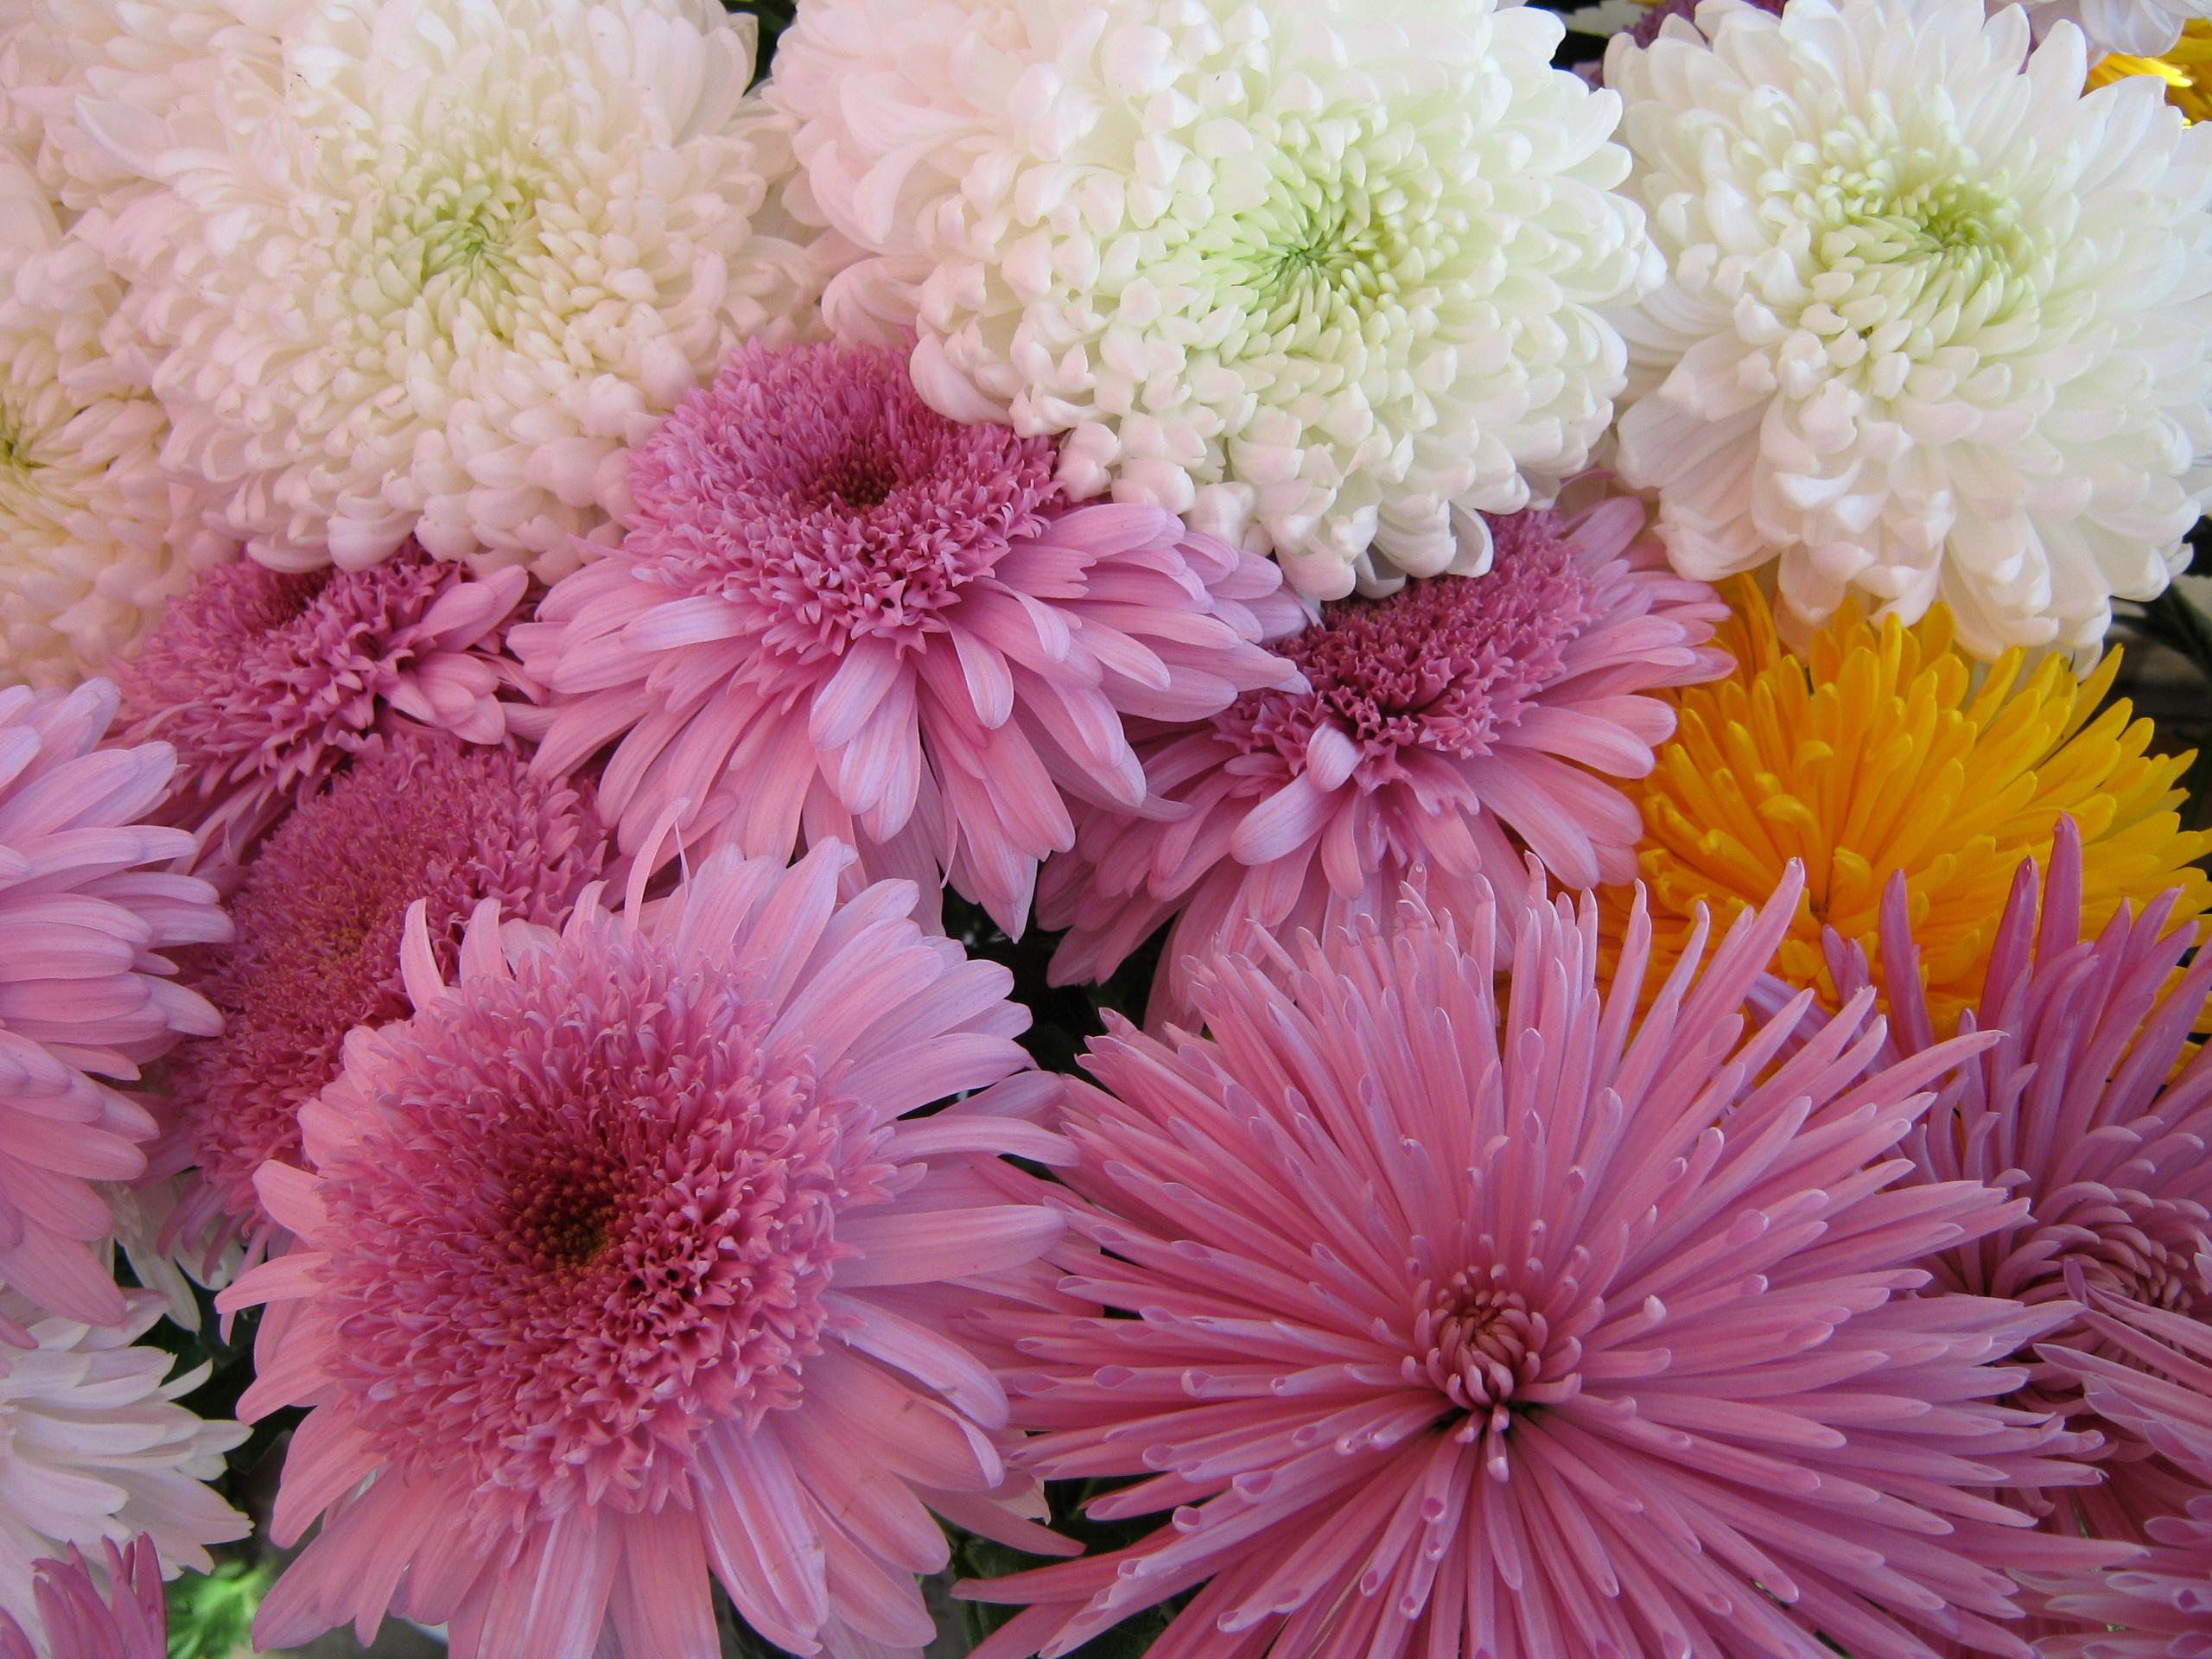 обои для рабочего стола осенние цветы хризантемы № 1155215  скачать